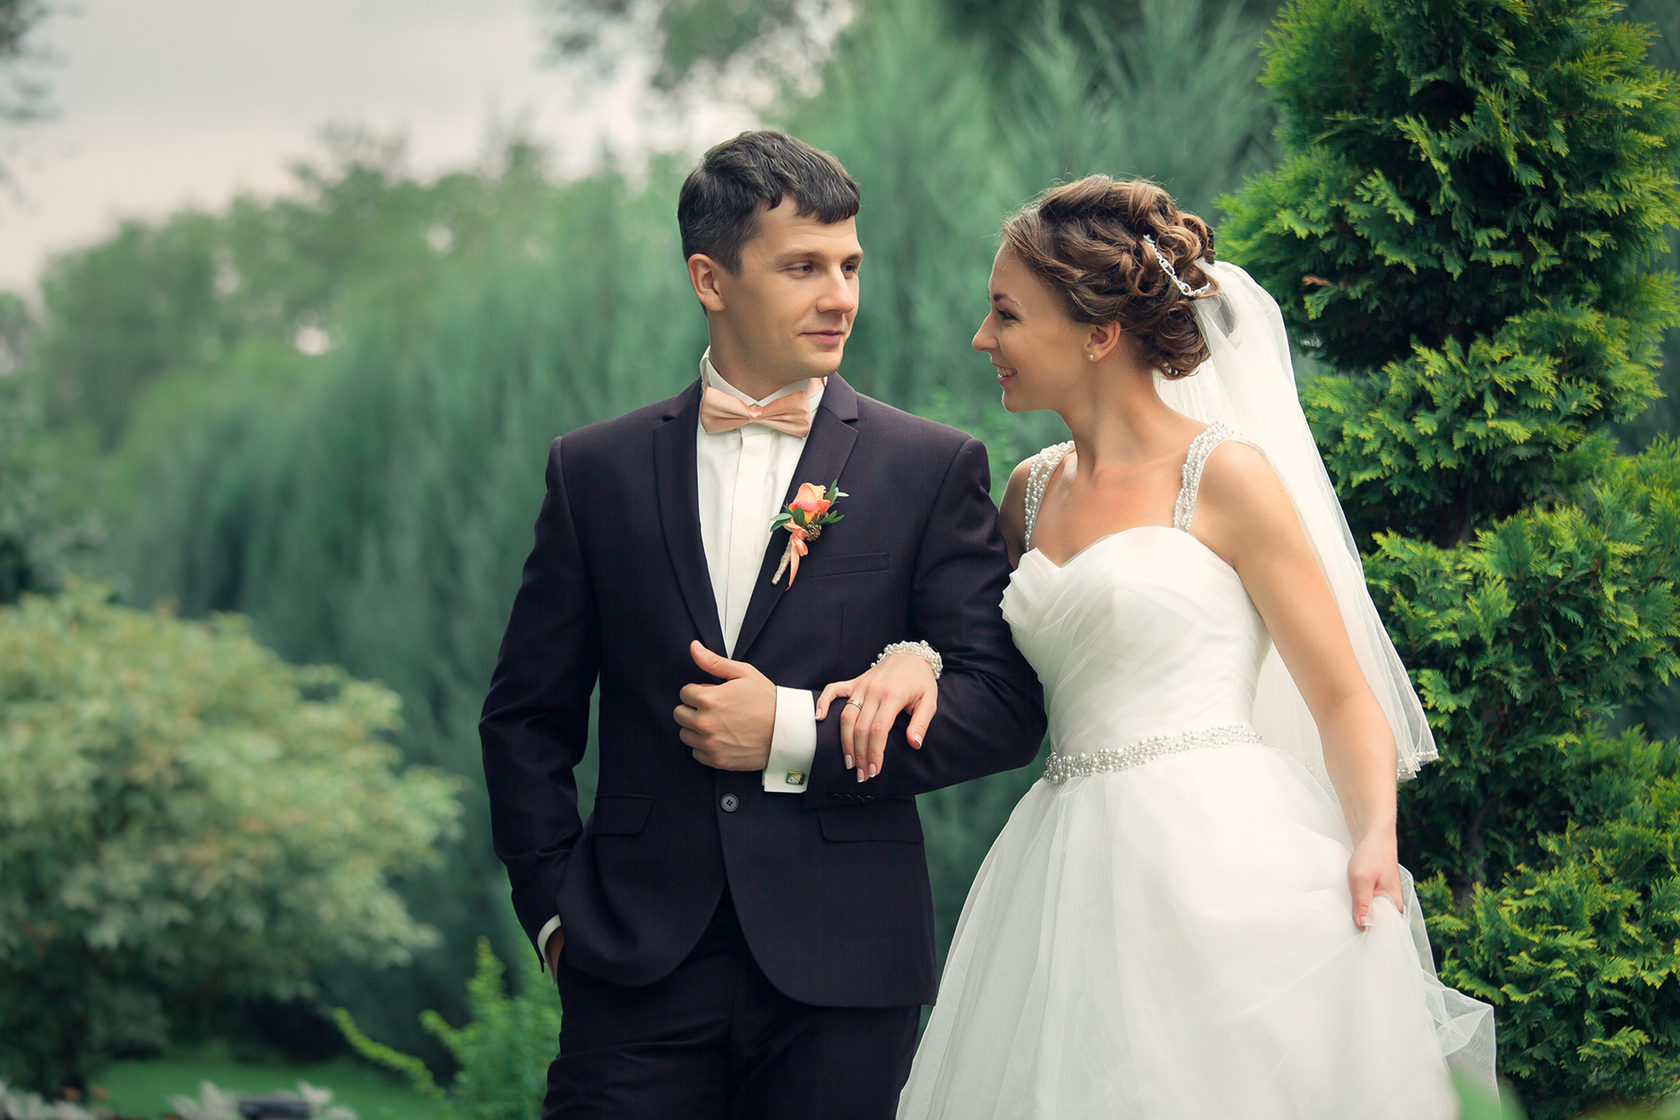 солдатский отзывы свадебного фотографа ходом